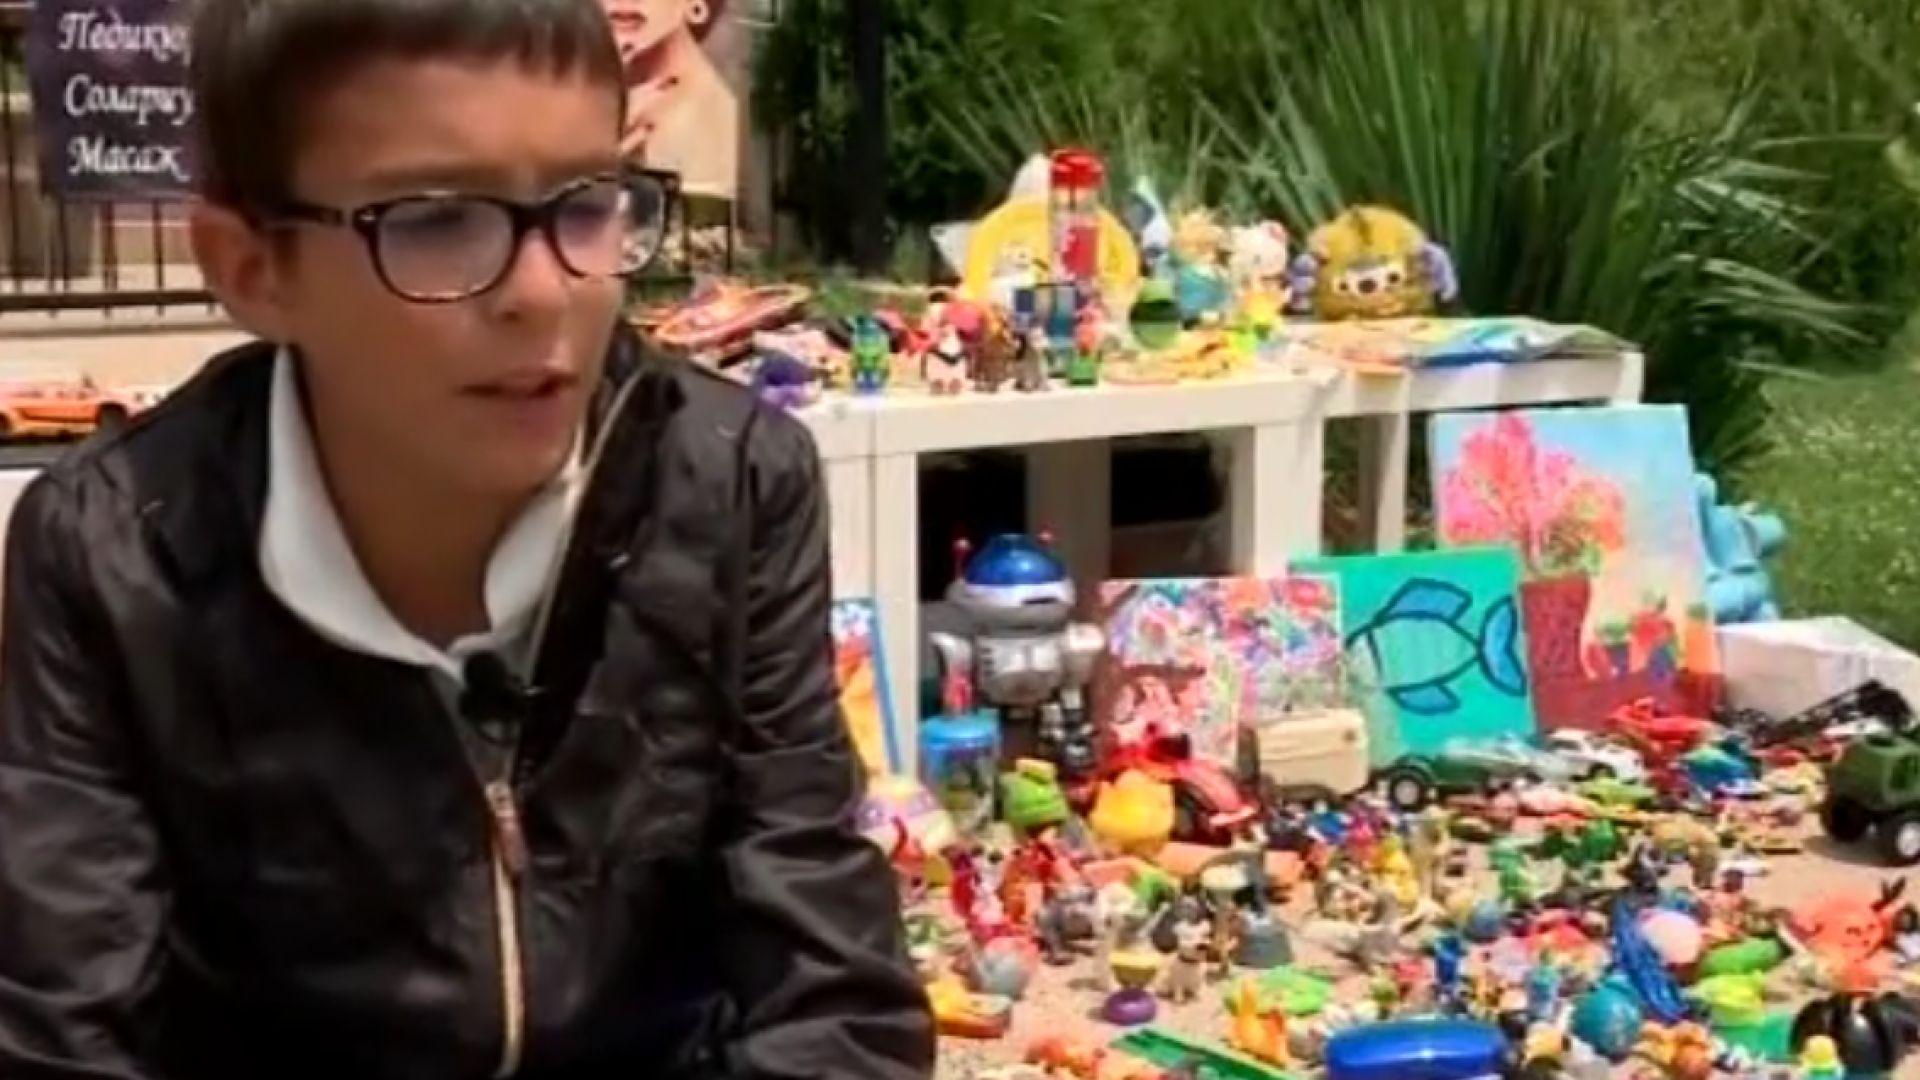 Деца продават ирачките си, събират пари за приюта в Богров